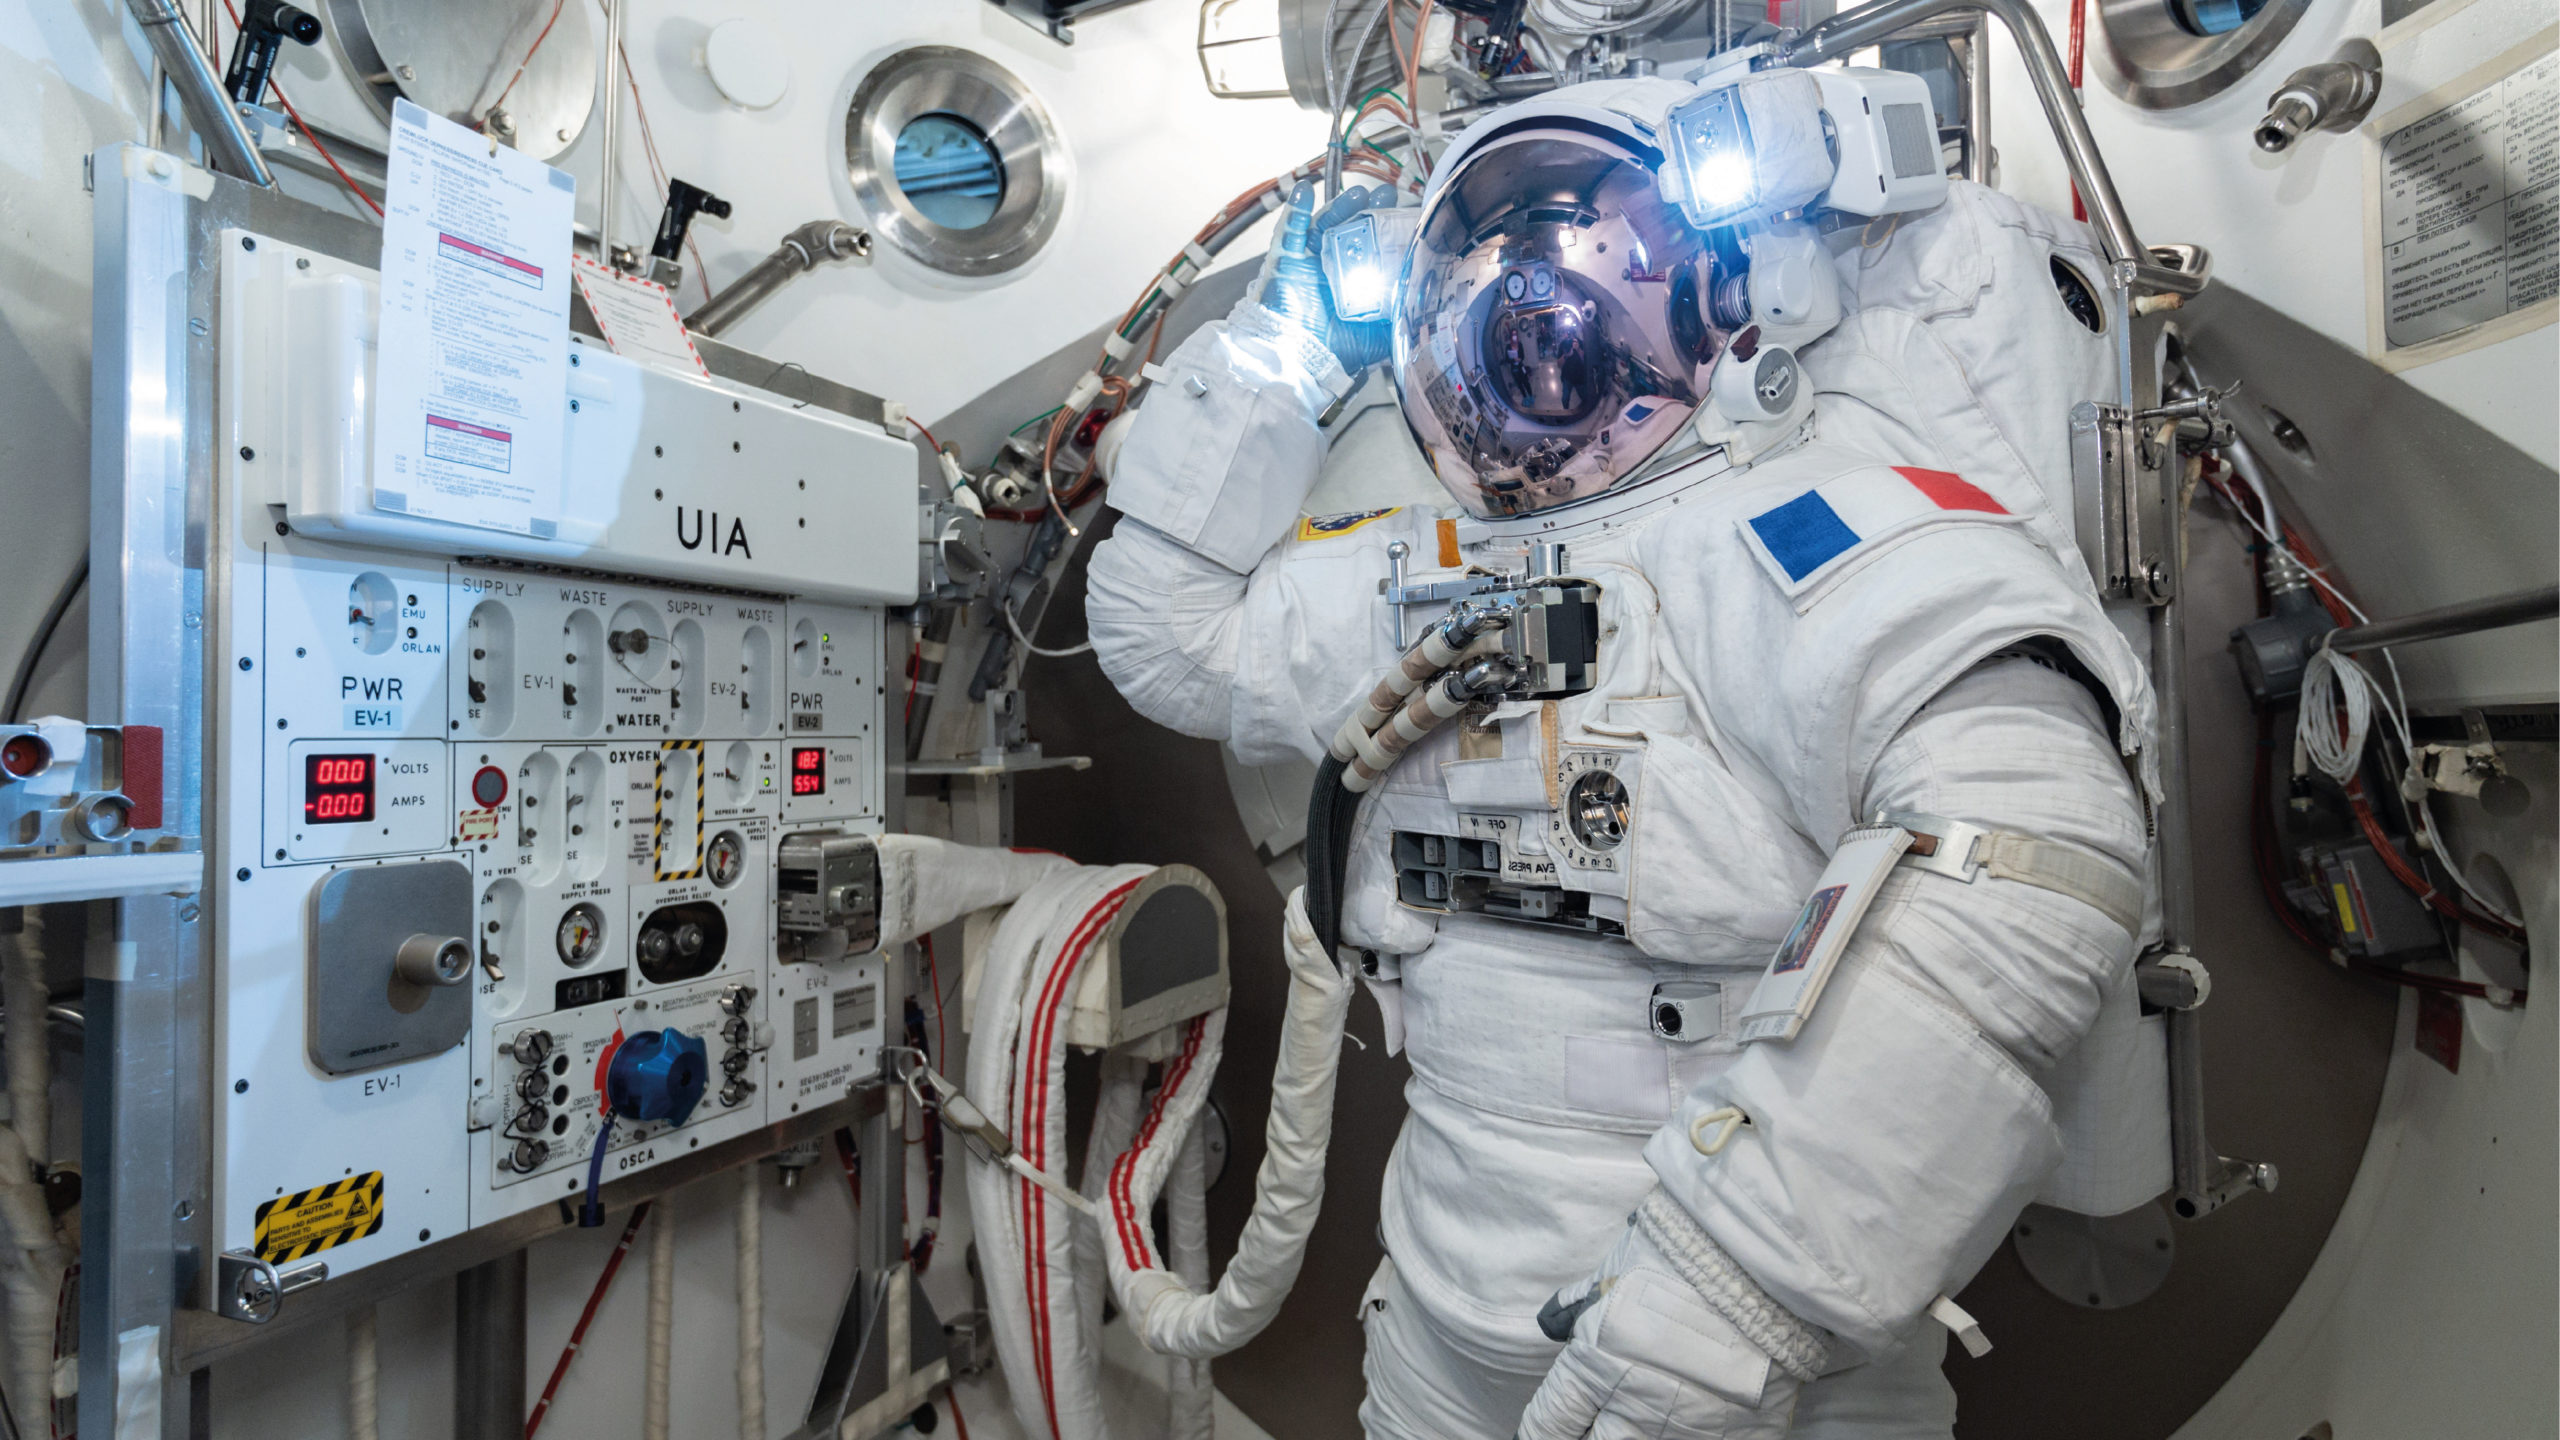 La Agencia Espacial Europea lanza convocatoria para reclutar astronautas